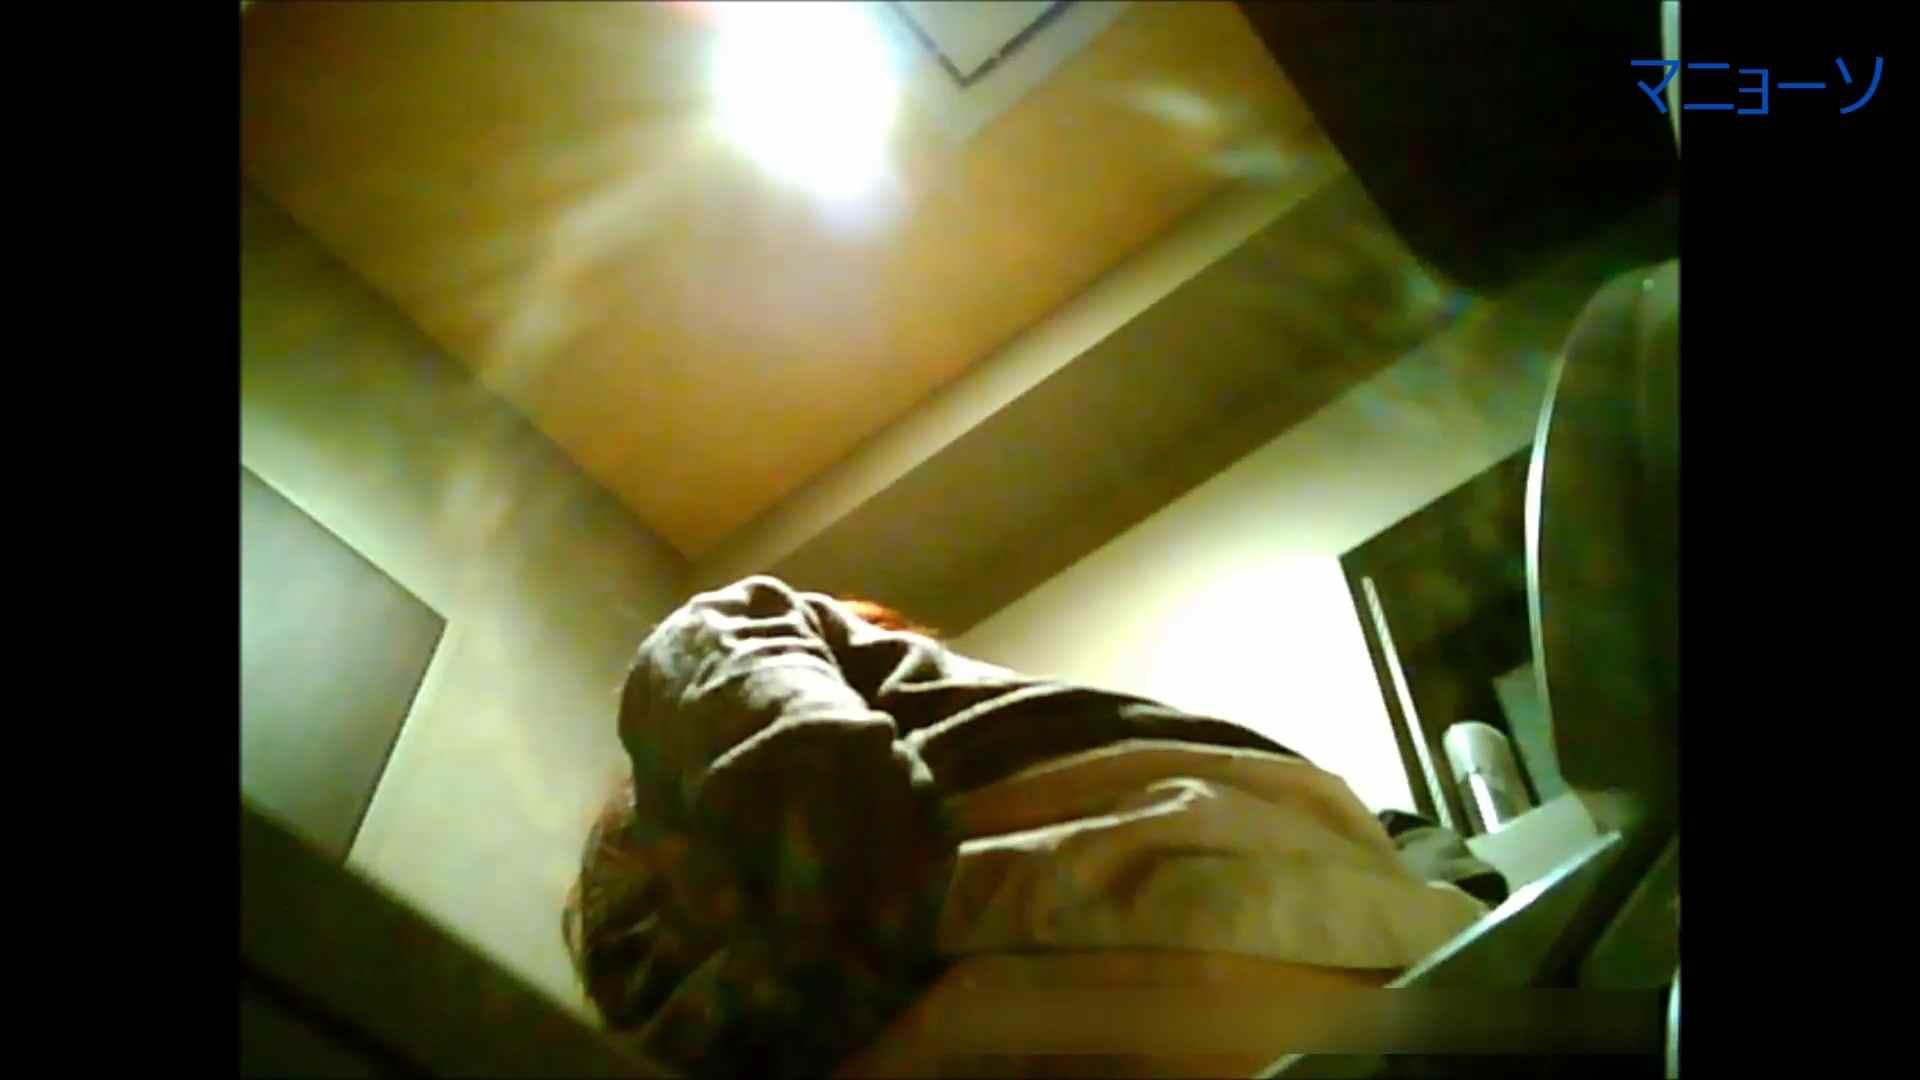 トイレでひと肌脱いでもらいました (JD編)Vol.01 OL  93pic 67